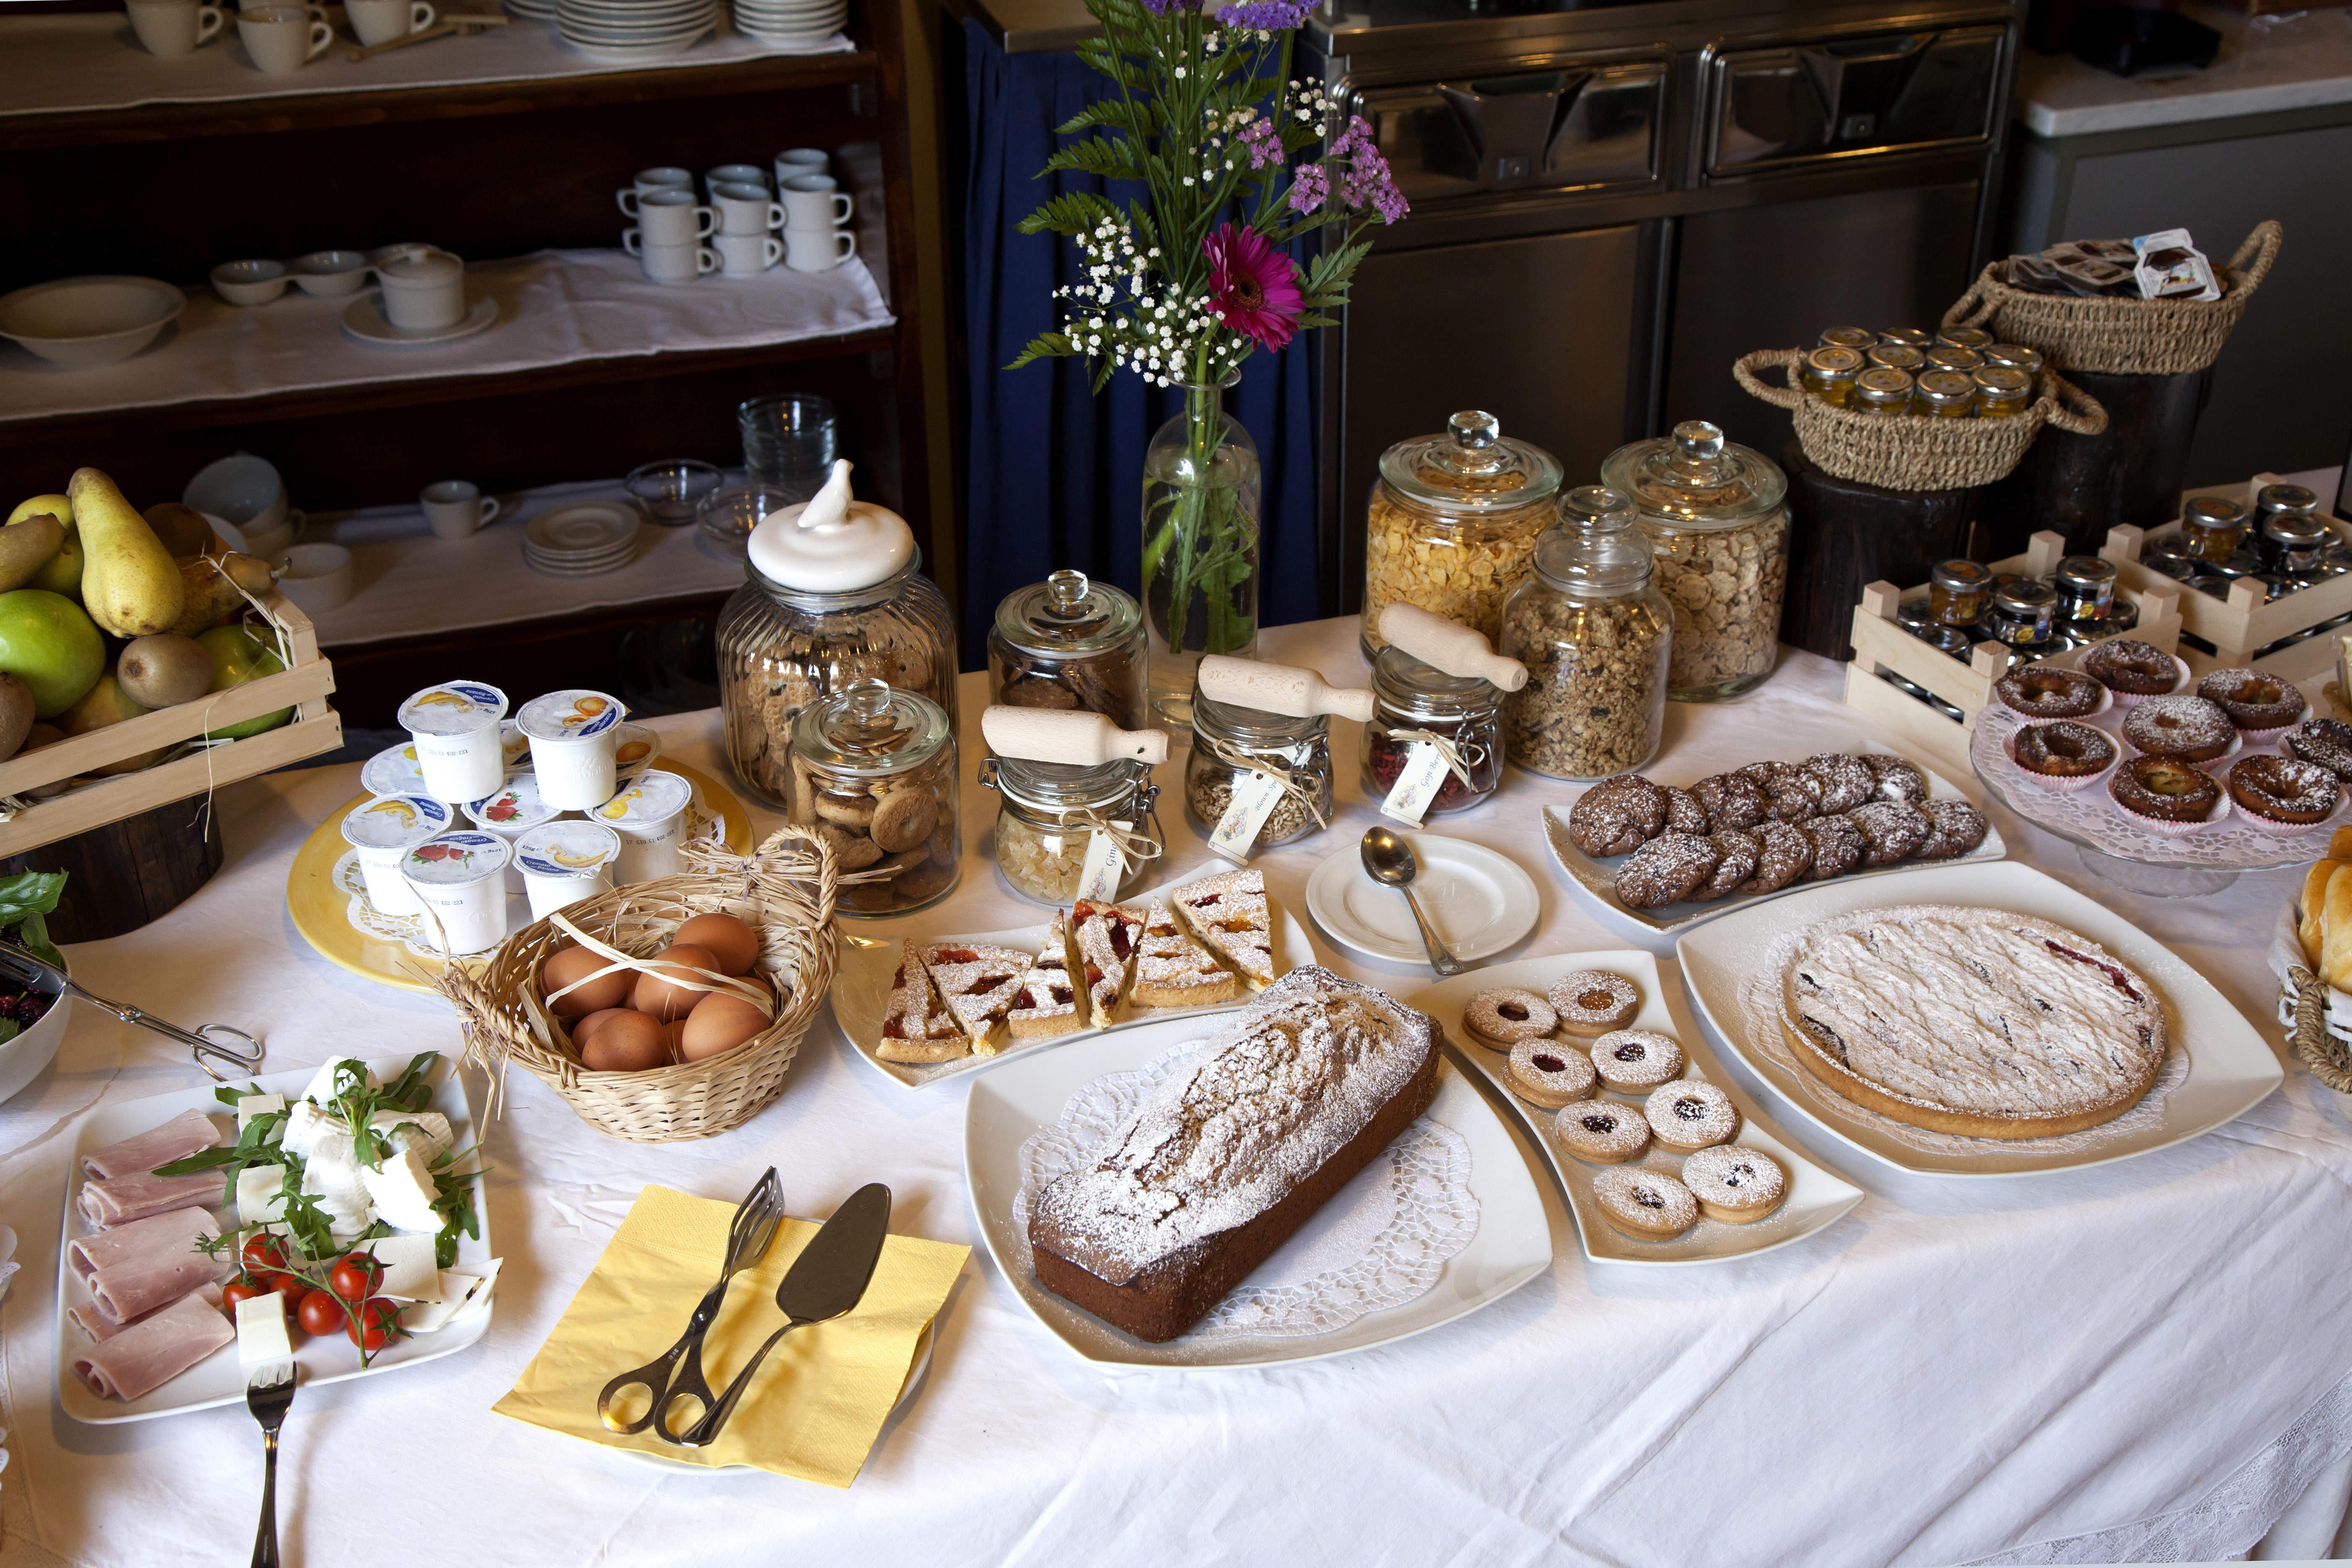 Il granaio dei casabella boutique hotel de charme a paestum vicino all 39 area archeologica cucina - Granaio caffe e cucina ...